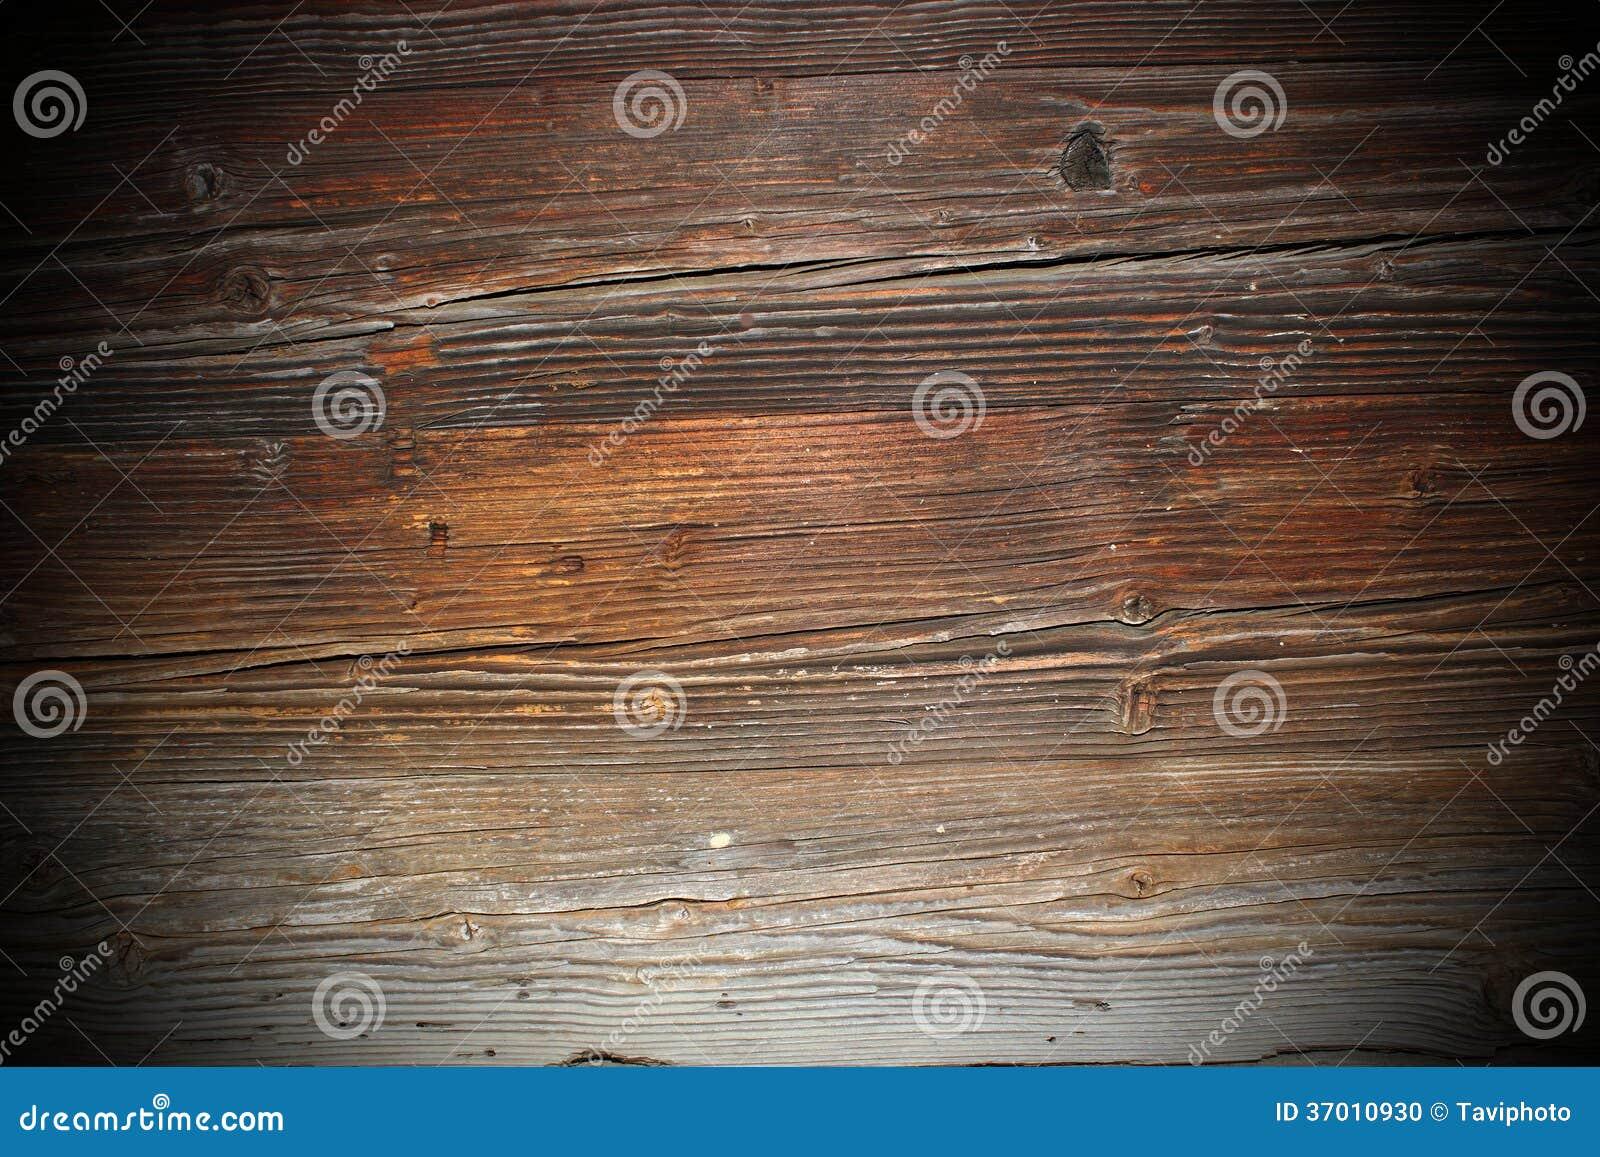 Tableros de madera spruce antiguos foto de archivo - Precios de tableros de madera ...